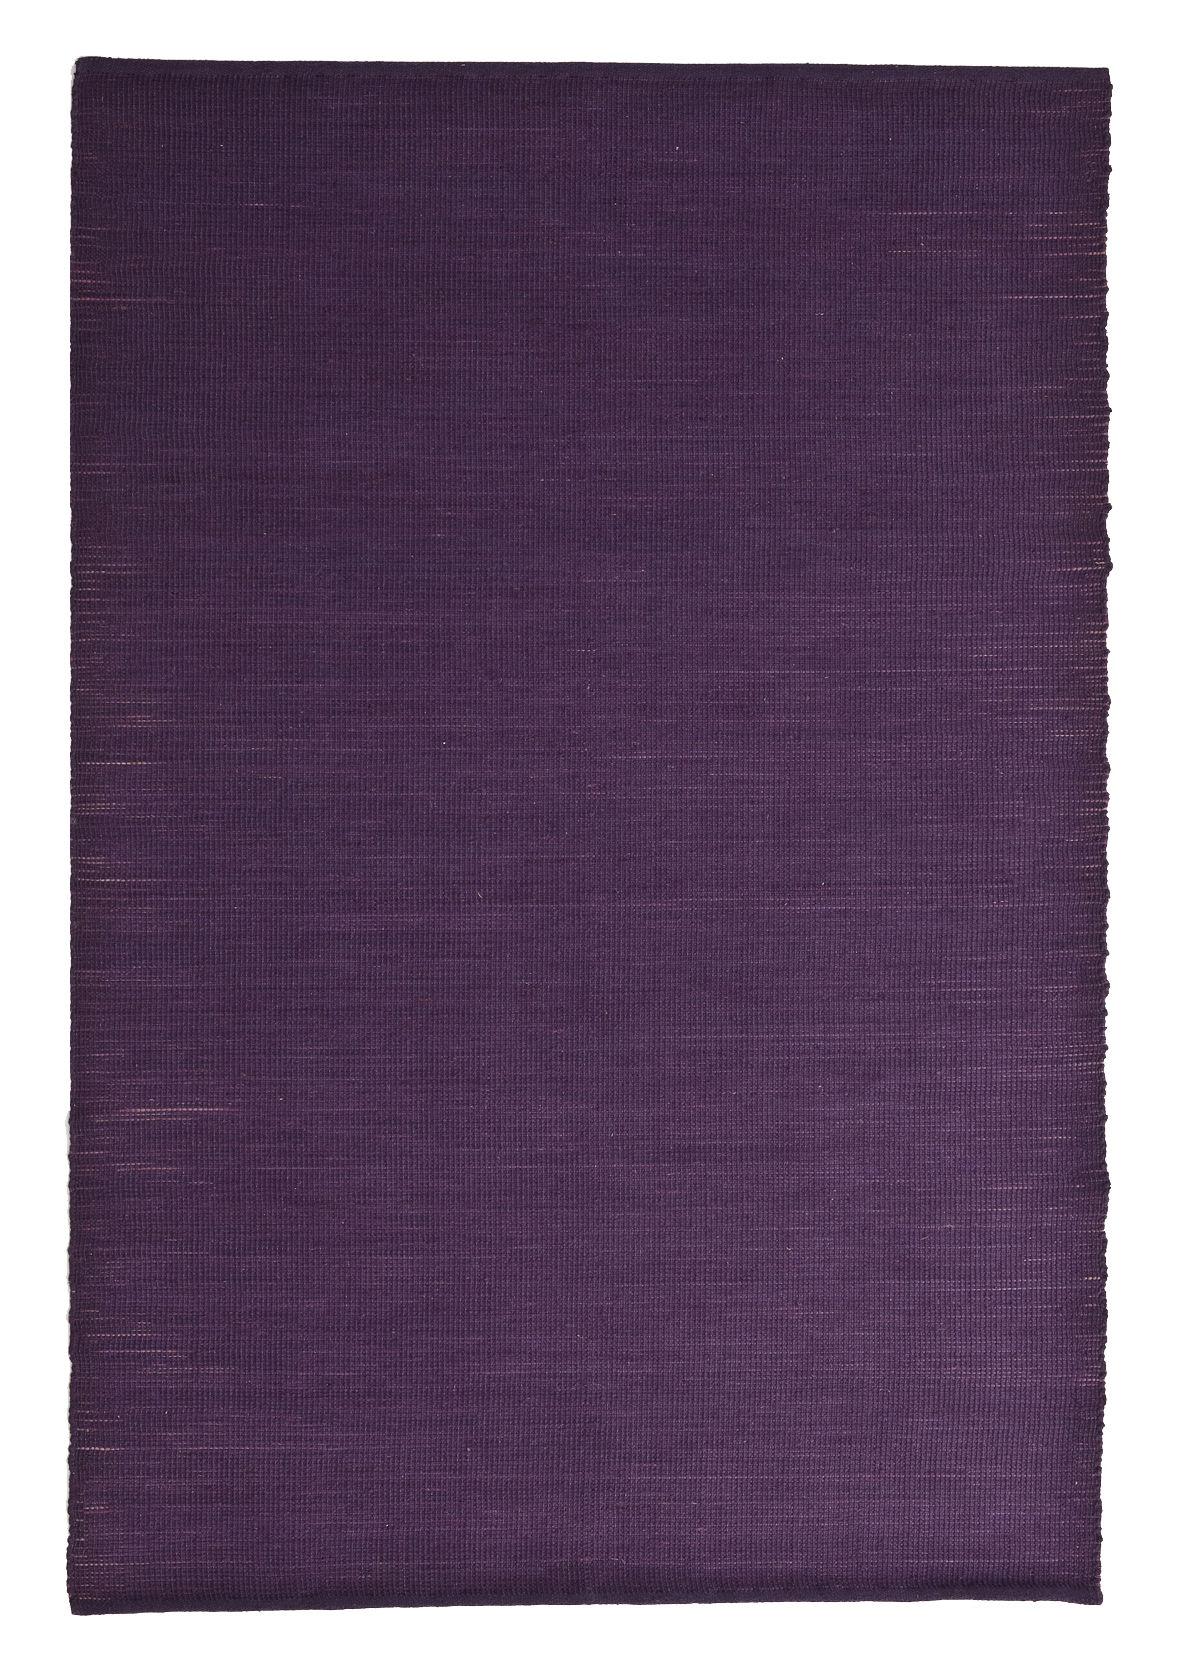 Déco - Tapis - Tapis Natural Tatami / Jute et laine - 170 x 240 cm - Nanimarquina - Violet uni - Fibres de jute, Laine vierge